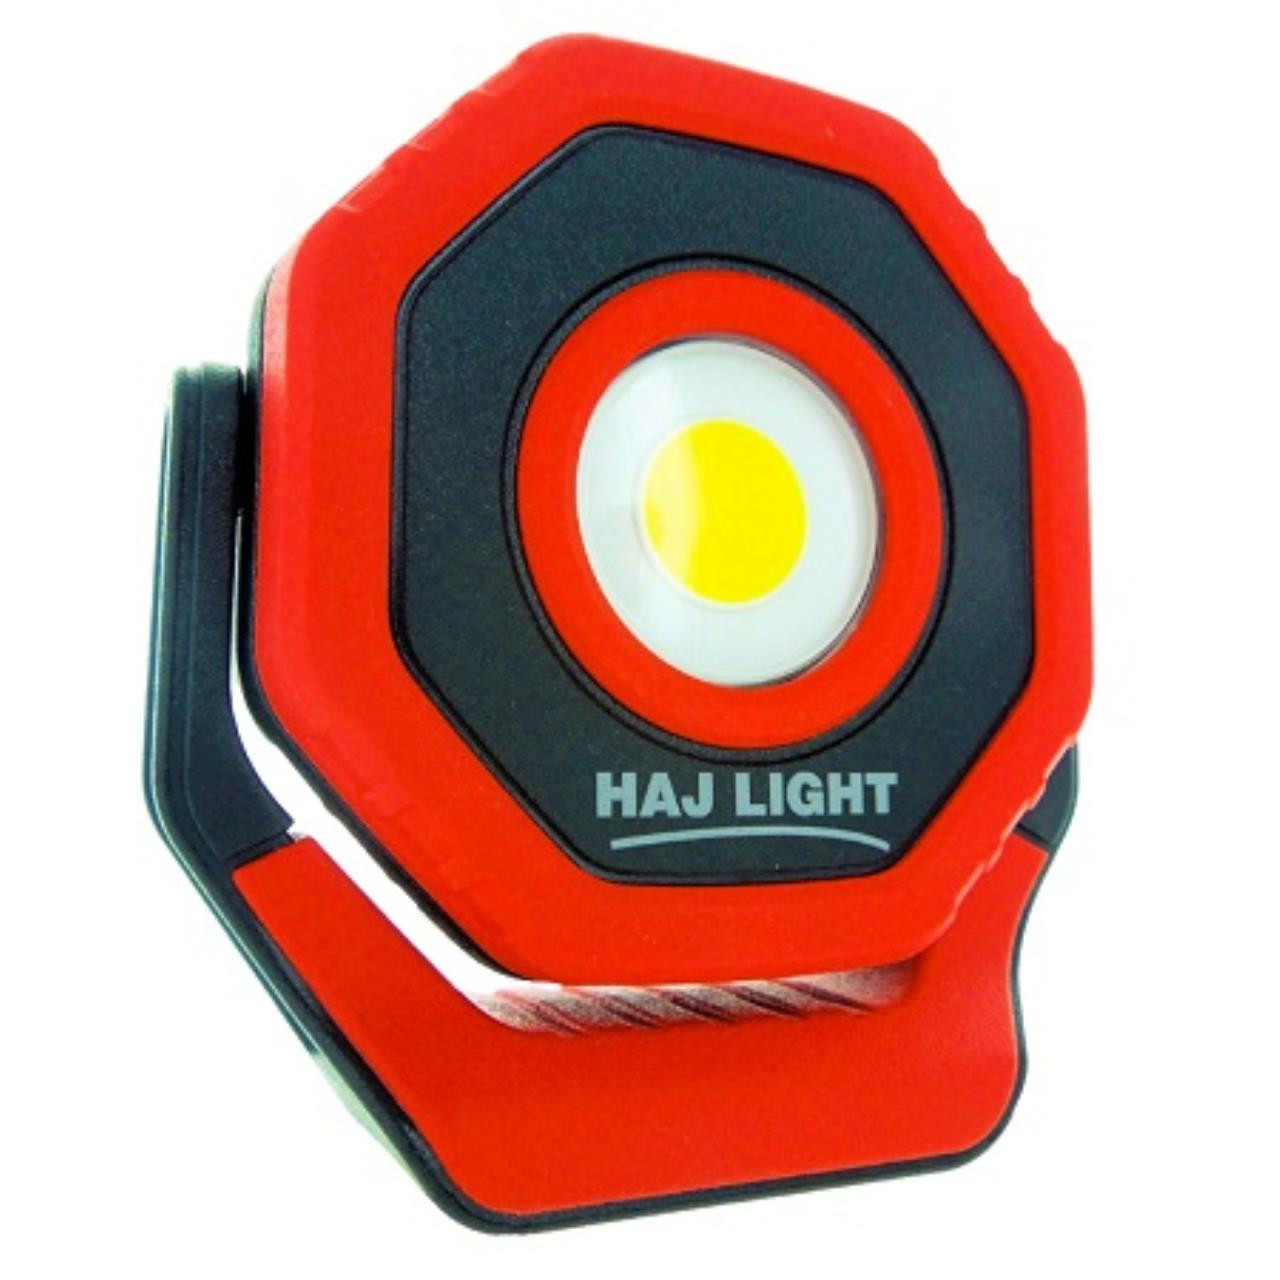 HAJ LIGHT Genopladelig arbejdslys 700lumen magnet